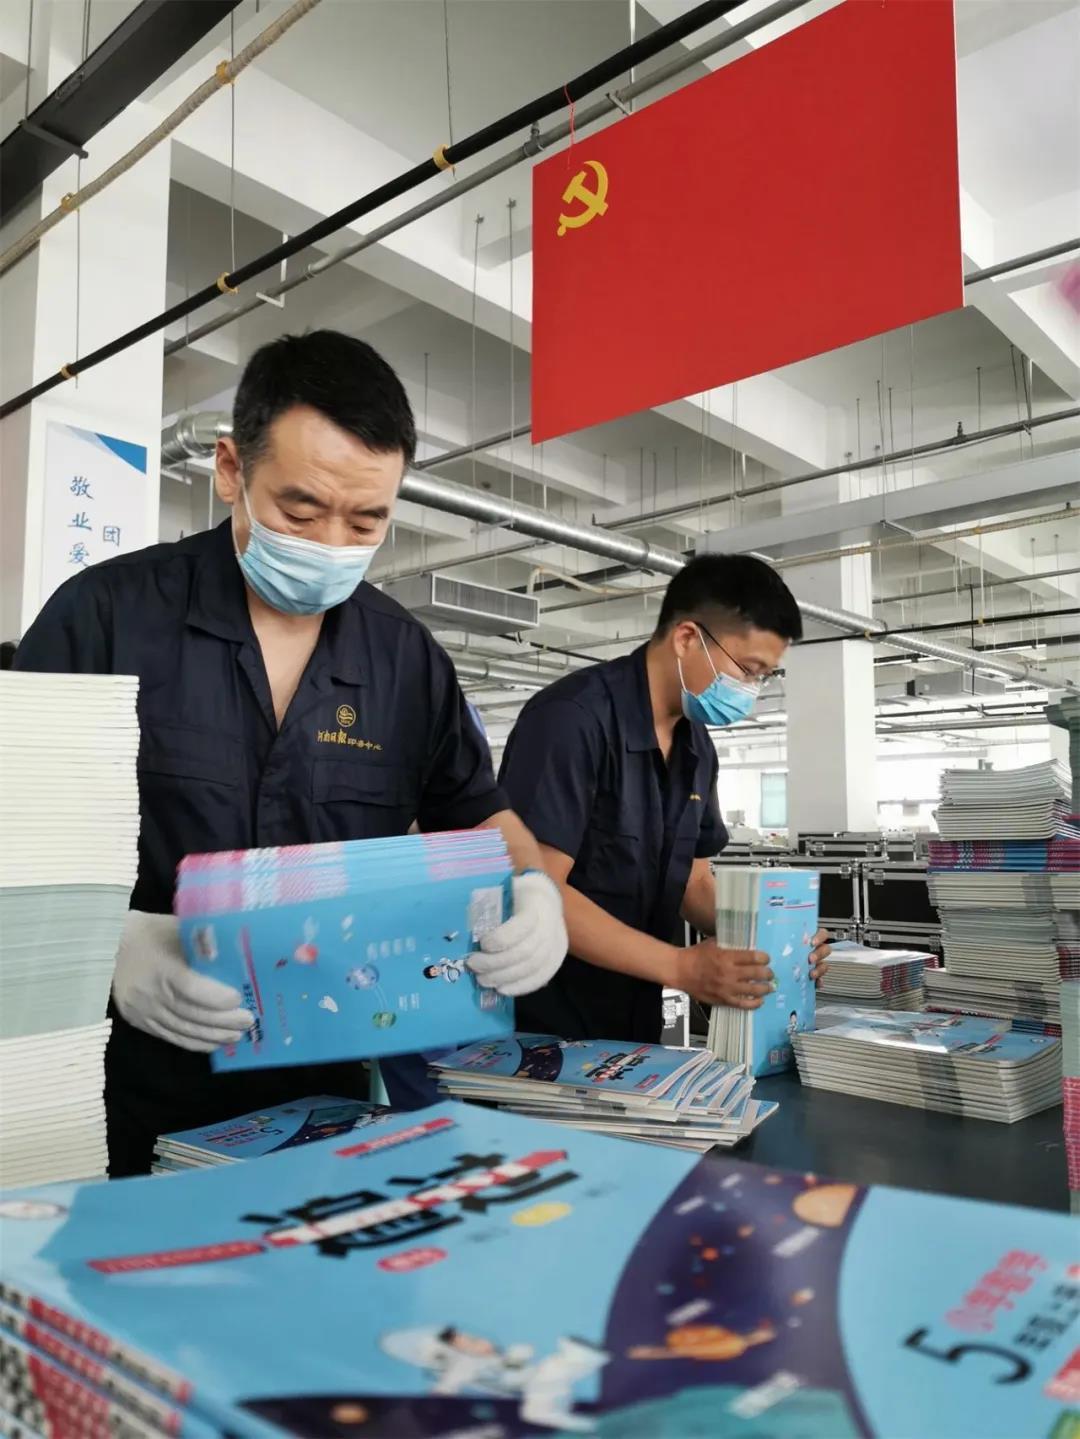 印刷教材厂